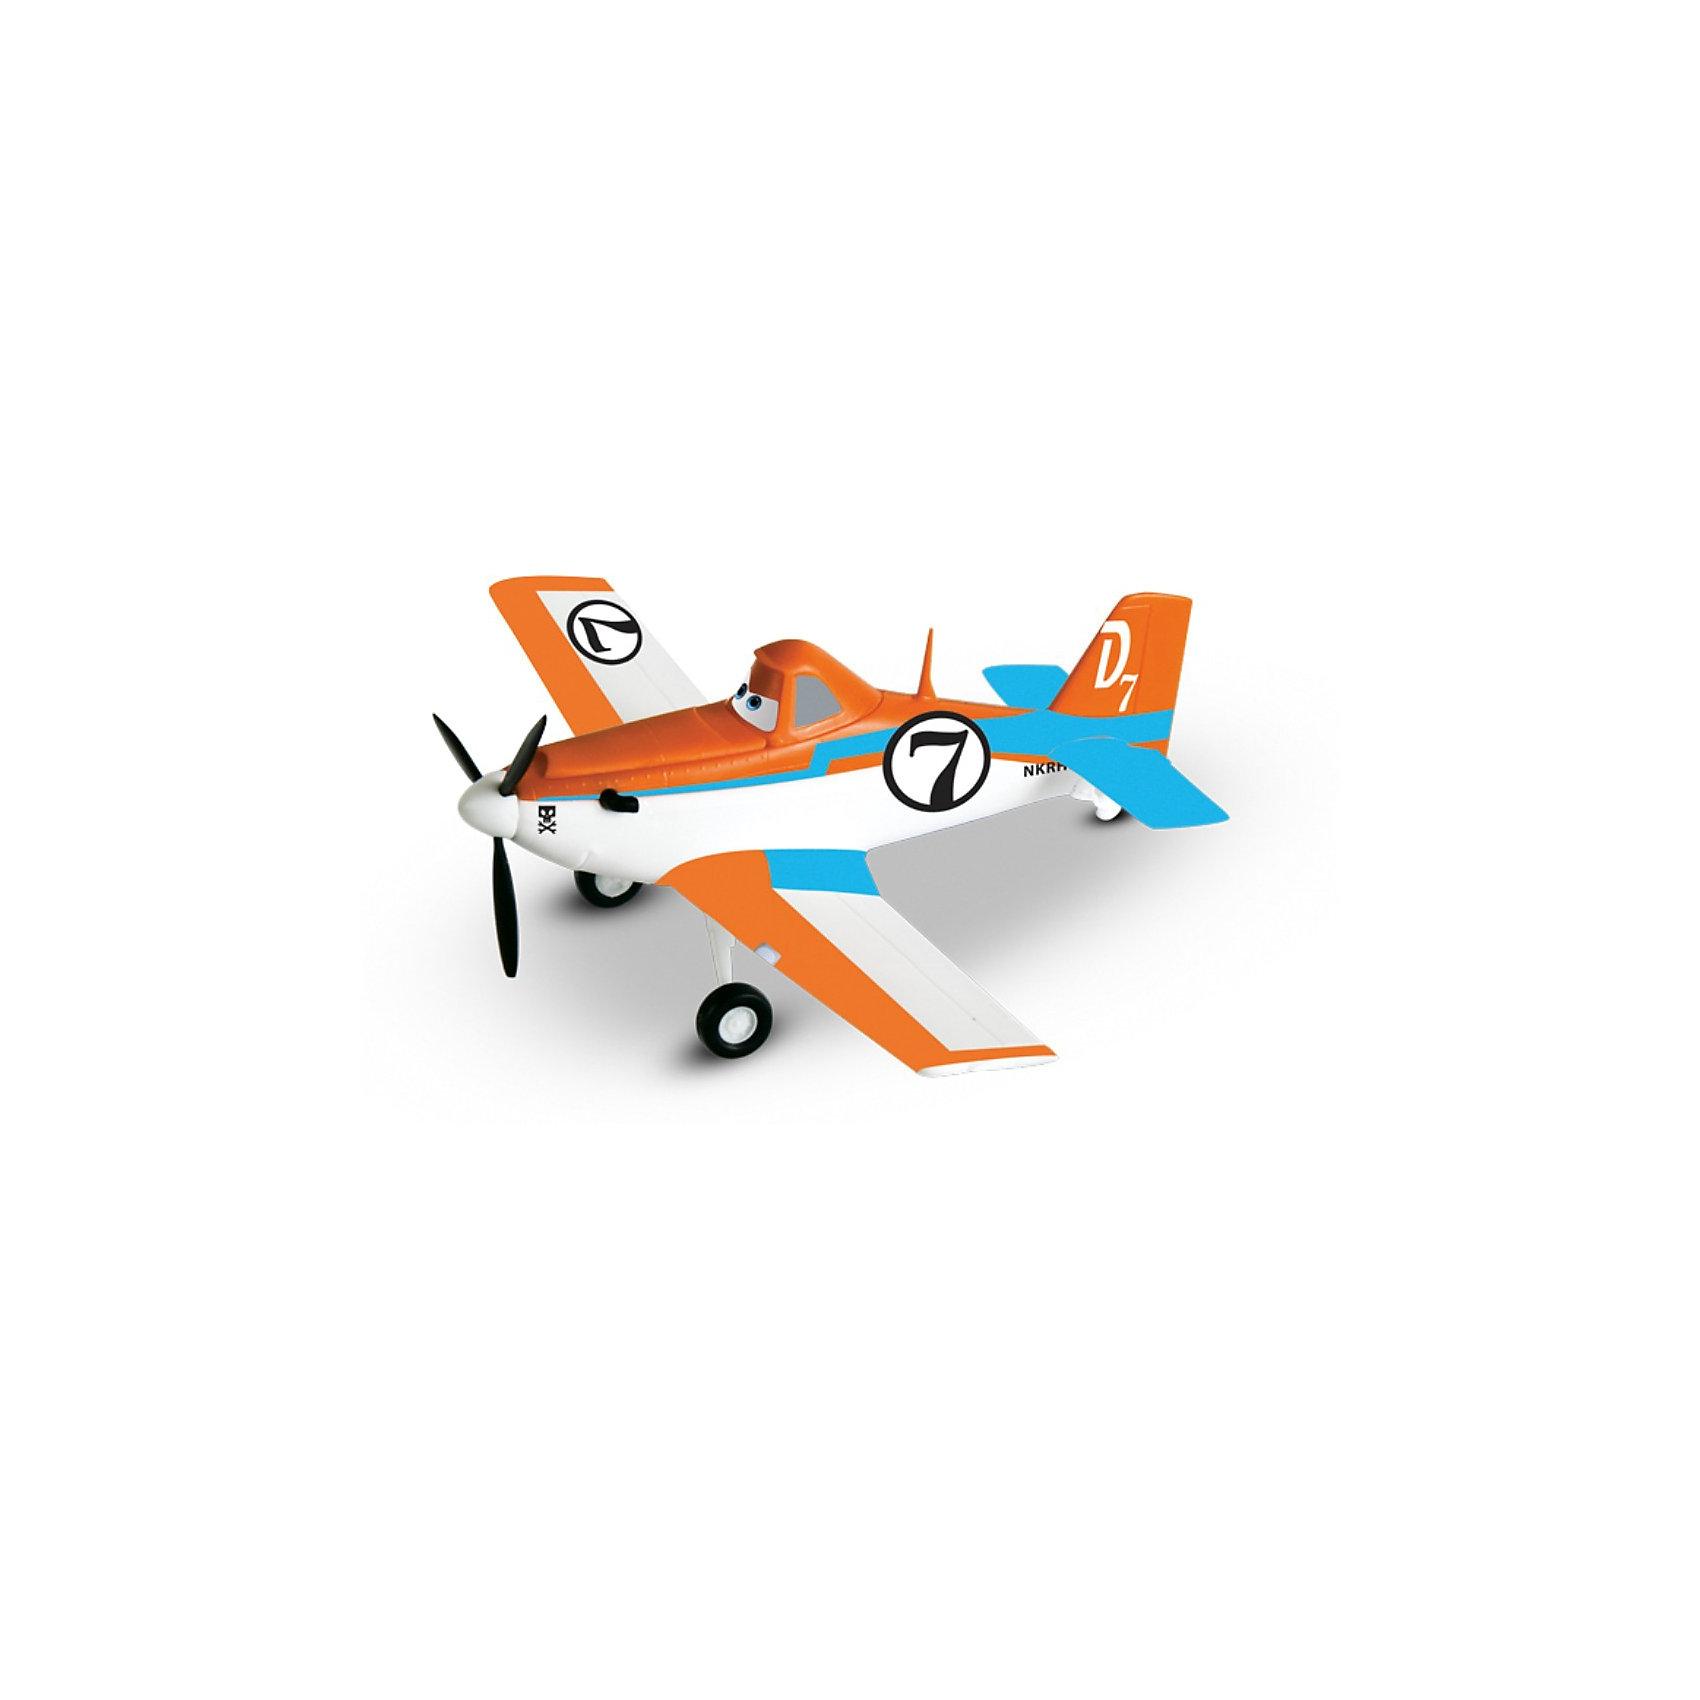 Сборный самолет Дасти-полейполе, Самолеты, ЗвездаСборный самолет Дасти-полейполе, Самолеты, Звезда – это сборная модель главного героя диснеевского мультфильма «Самолеты» (Planes), которая обязательно понравится вашему ребенку. Дасти был сконструирован, чтобы орошать поля, но этот скромный самолет всегда мечтал о большем и высоком! <br><br>В наборе сборная модель самолета есть все необходимые детали для сборки. Сборка модели самолета осуществляется без клея. В процессе сборки модели самолета ребенок развивает мелкую моторику, пространственное мышление, приобретает навыки работы со схемами и чертежами. Сборная модель самолета дает возможность ребенку сначала почувствовать себя настоящим конструктором, а потом поиграть с собранным самолетом в сюжетно-ролевые игры. <br><br>Дополнительная информация:<br>-Масштаб: 1:100<br>-Длина модели: 8 см<br>-Материал: пластик<br>-Комплектация: 17 деталей для сборки модели, инструкция<br><br>С наборами сборная модель самолета от компании Звезда можно собрать всех героев мультфильма студии Уолта Диснея «Самолеты». Ребенку понравится собранная своими руками игрушка!<br><br>Сборный самолет Дасти-полейполе, Самолеты, Звезда можно купить в нашем магазине.<br><br>Ширина мм: 130<br>Глубина мм: 160<br>Высота мм: 38<br>Вес г: 55<br>Возраст от месяцев: 36<br>Возраст до месяцев: 144<br>Пол: Мужской<br>Возраст: Детский<br>SKU: 3676484